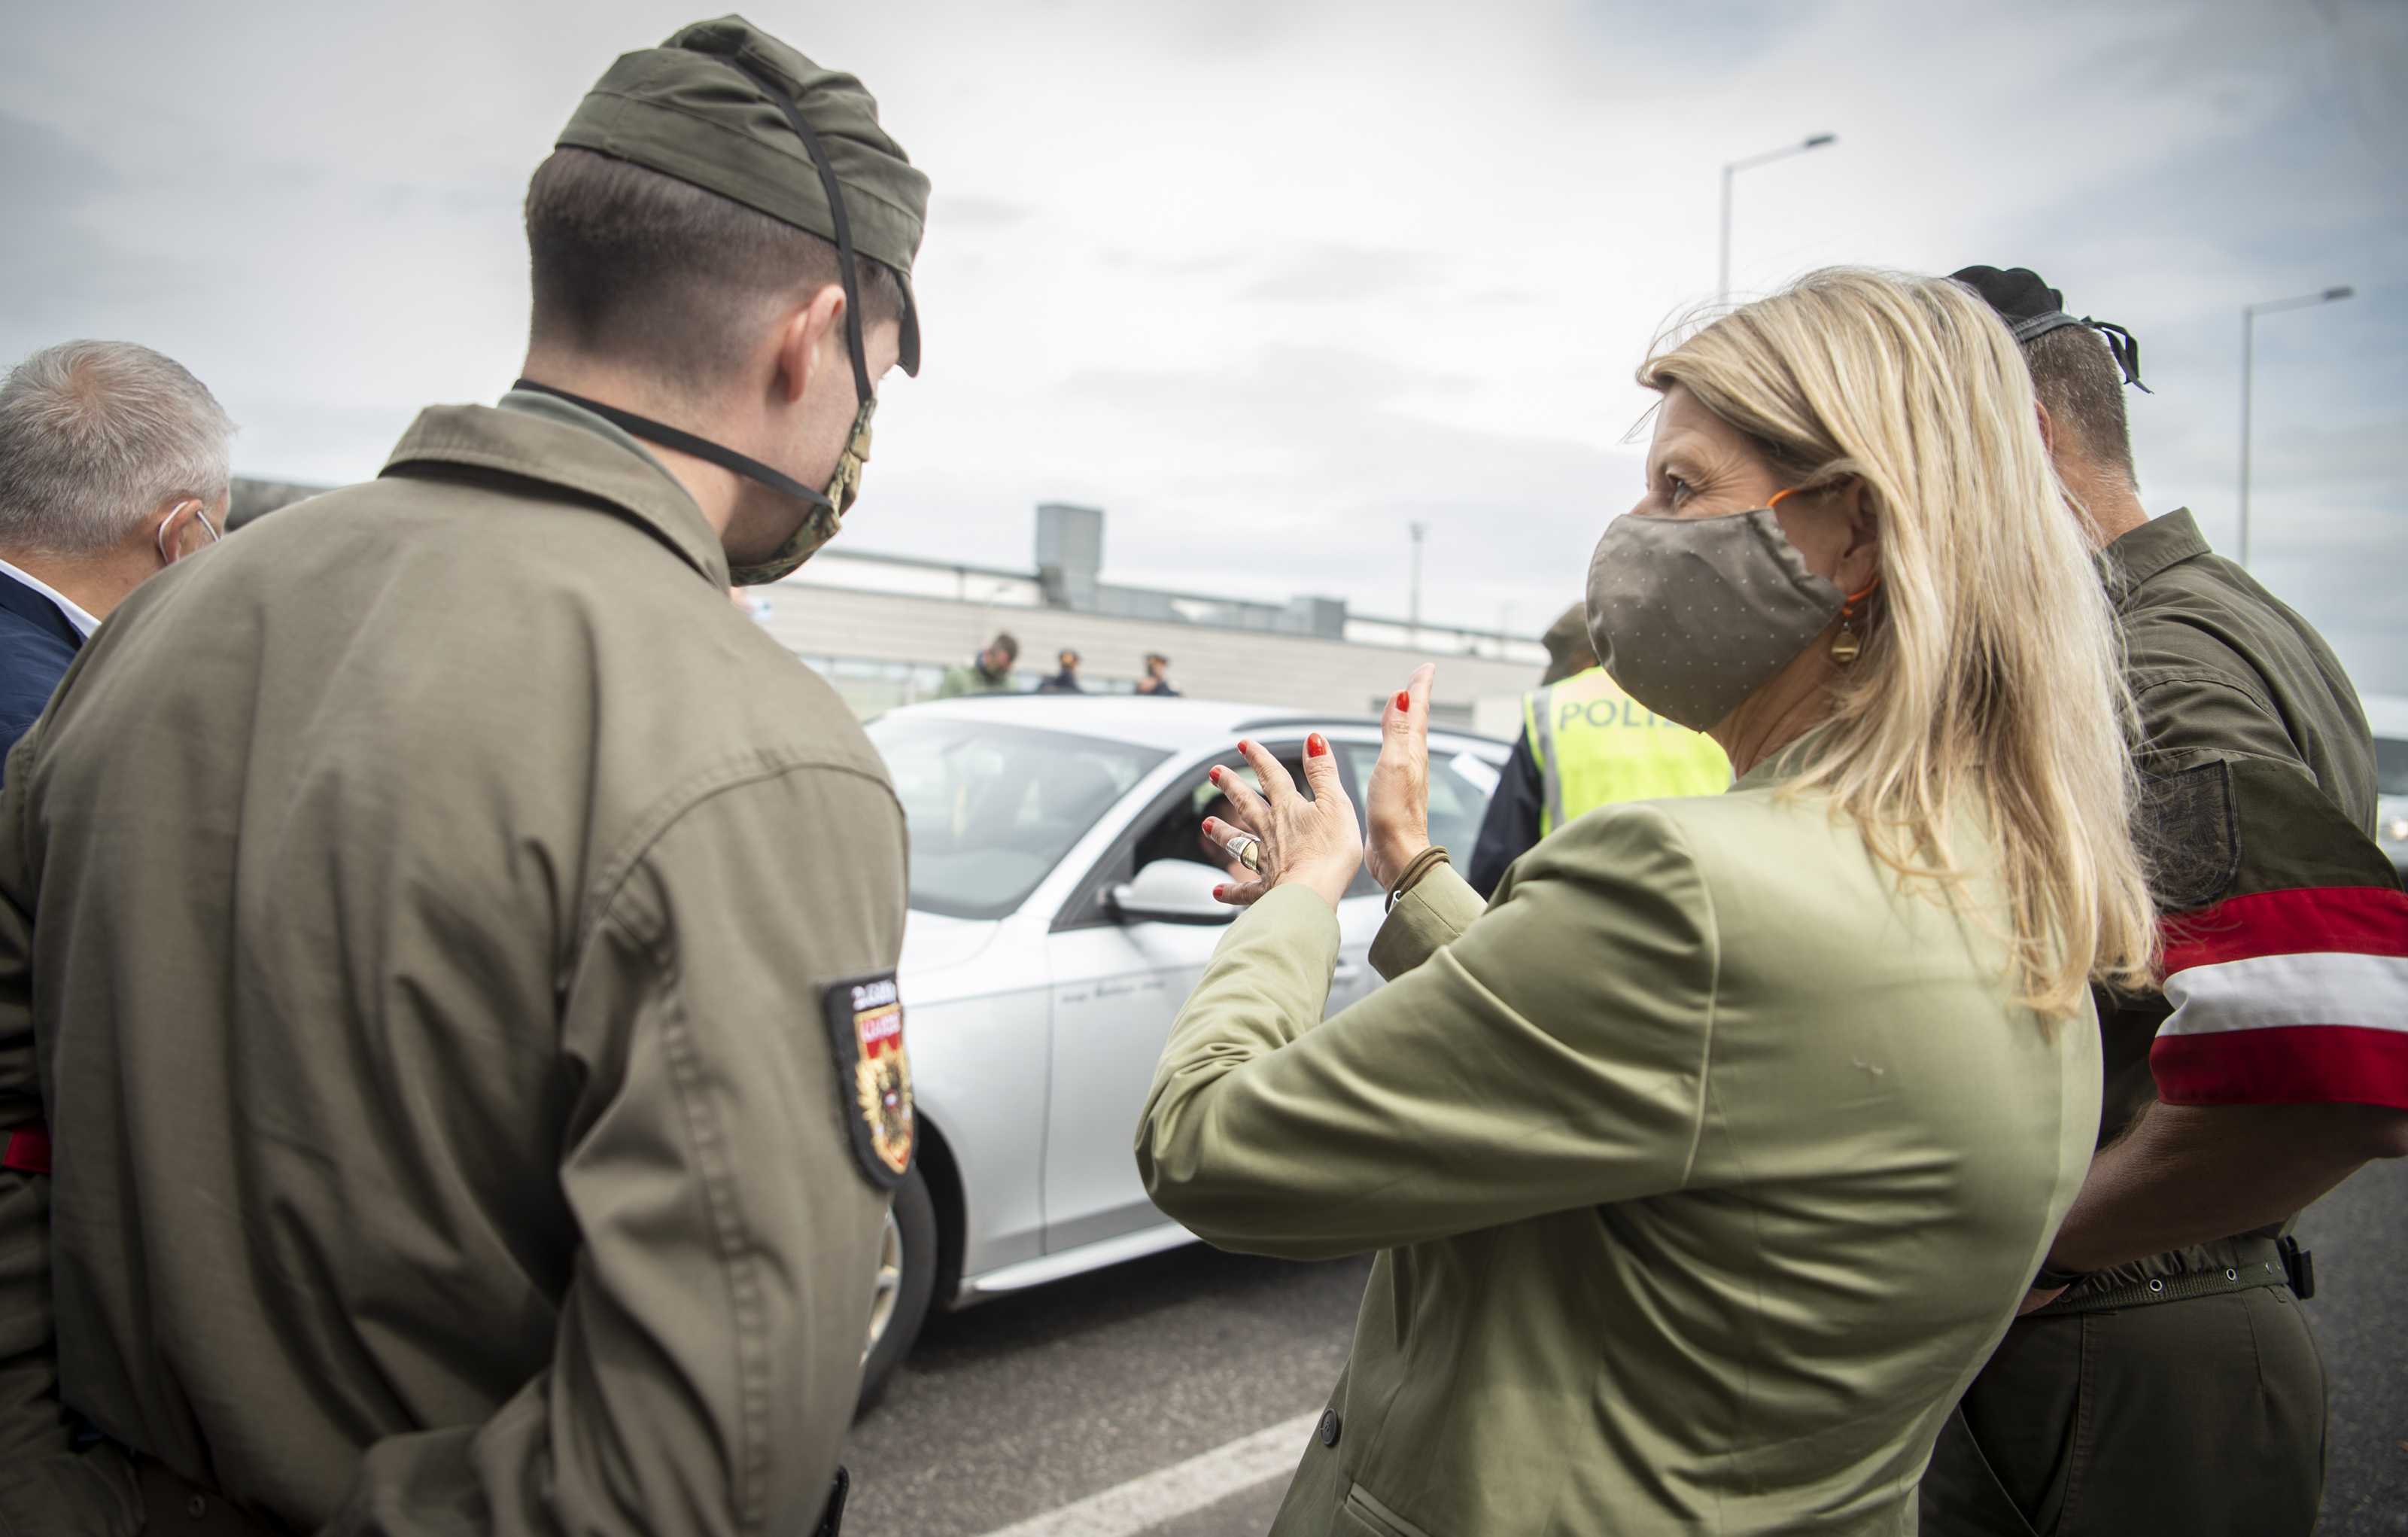 Verteidigungsministerin Klaudia Tanner und Innenminister Karl Nehammer besuchen den Grenzübergang Nickelsdorf. Einweisung in Aufgaben und Grenzmanagement